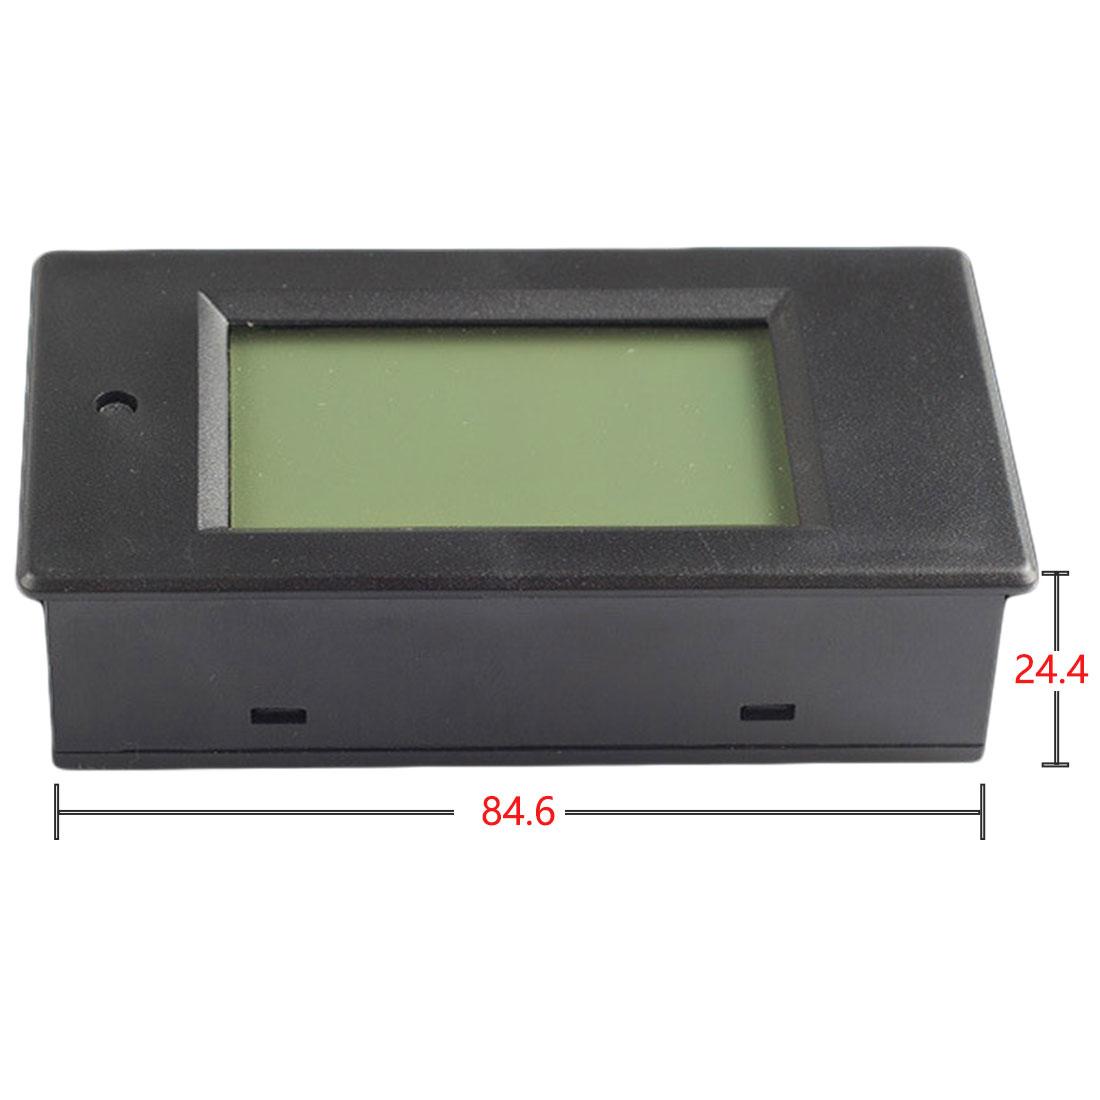 LCD Display Digital Multimeter Ammeter Voltmeter DC 6.5-100V 0-100A Current Voltage Power Energy Meter 100A Current Shunt